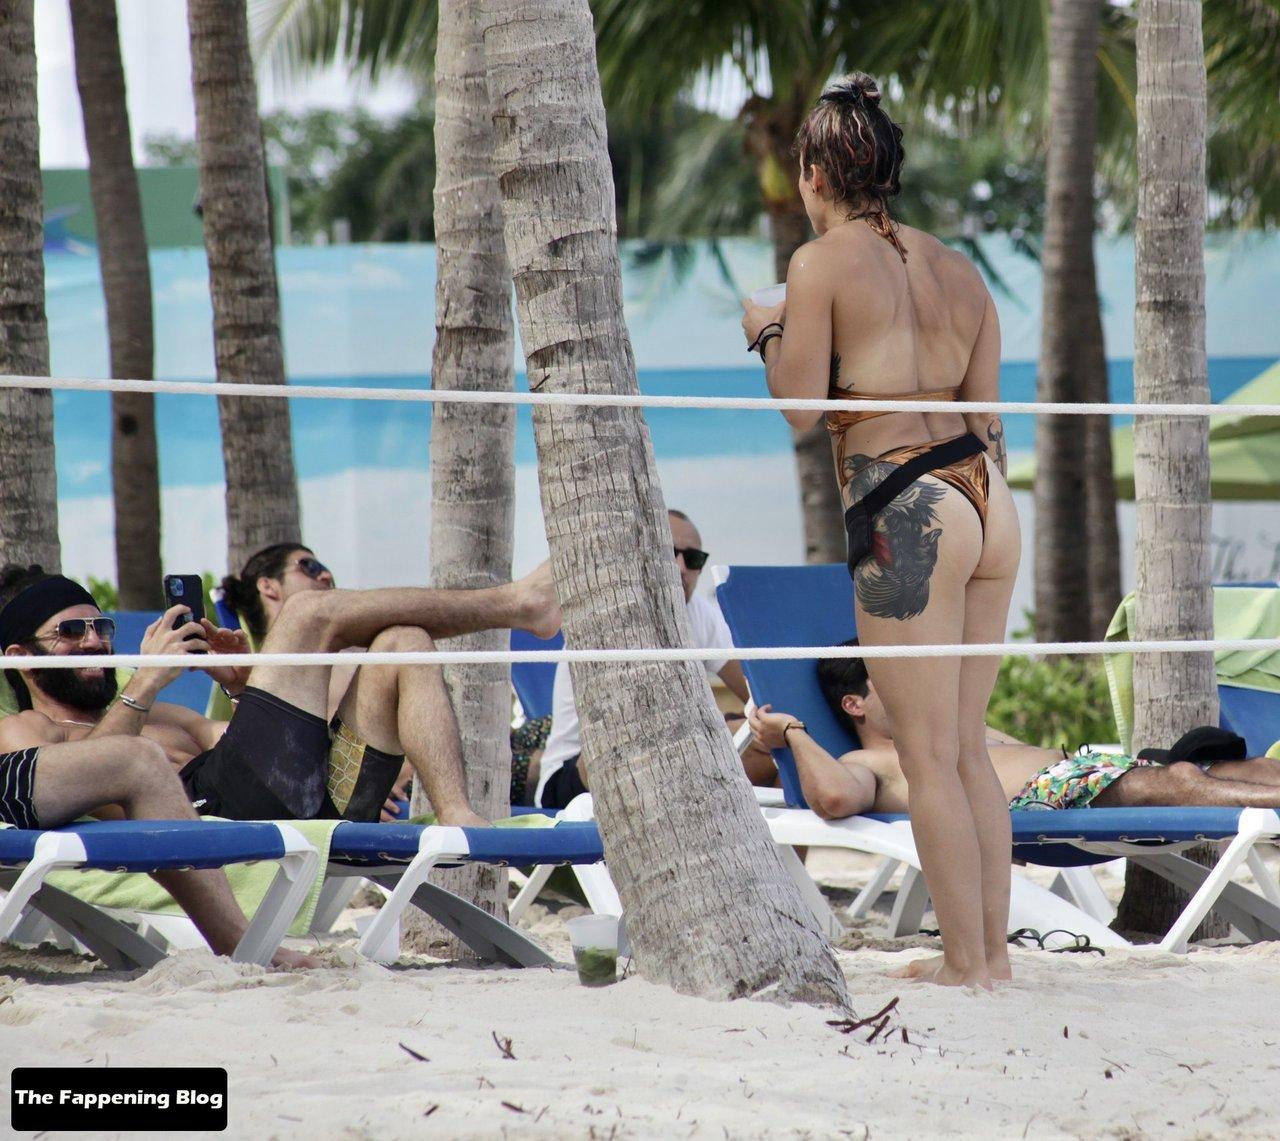 Cara Maria Sorbello on Beach 26